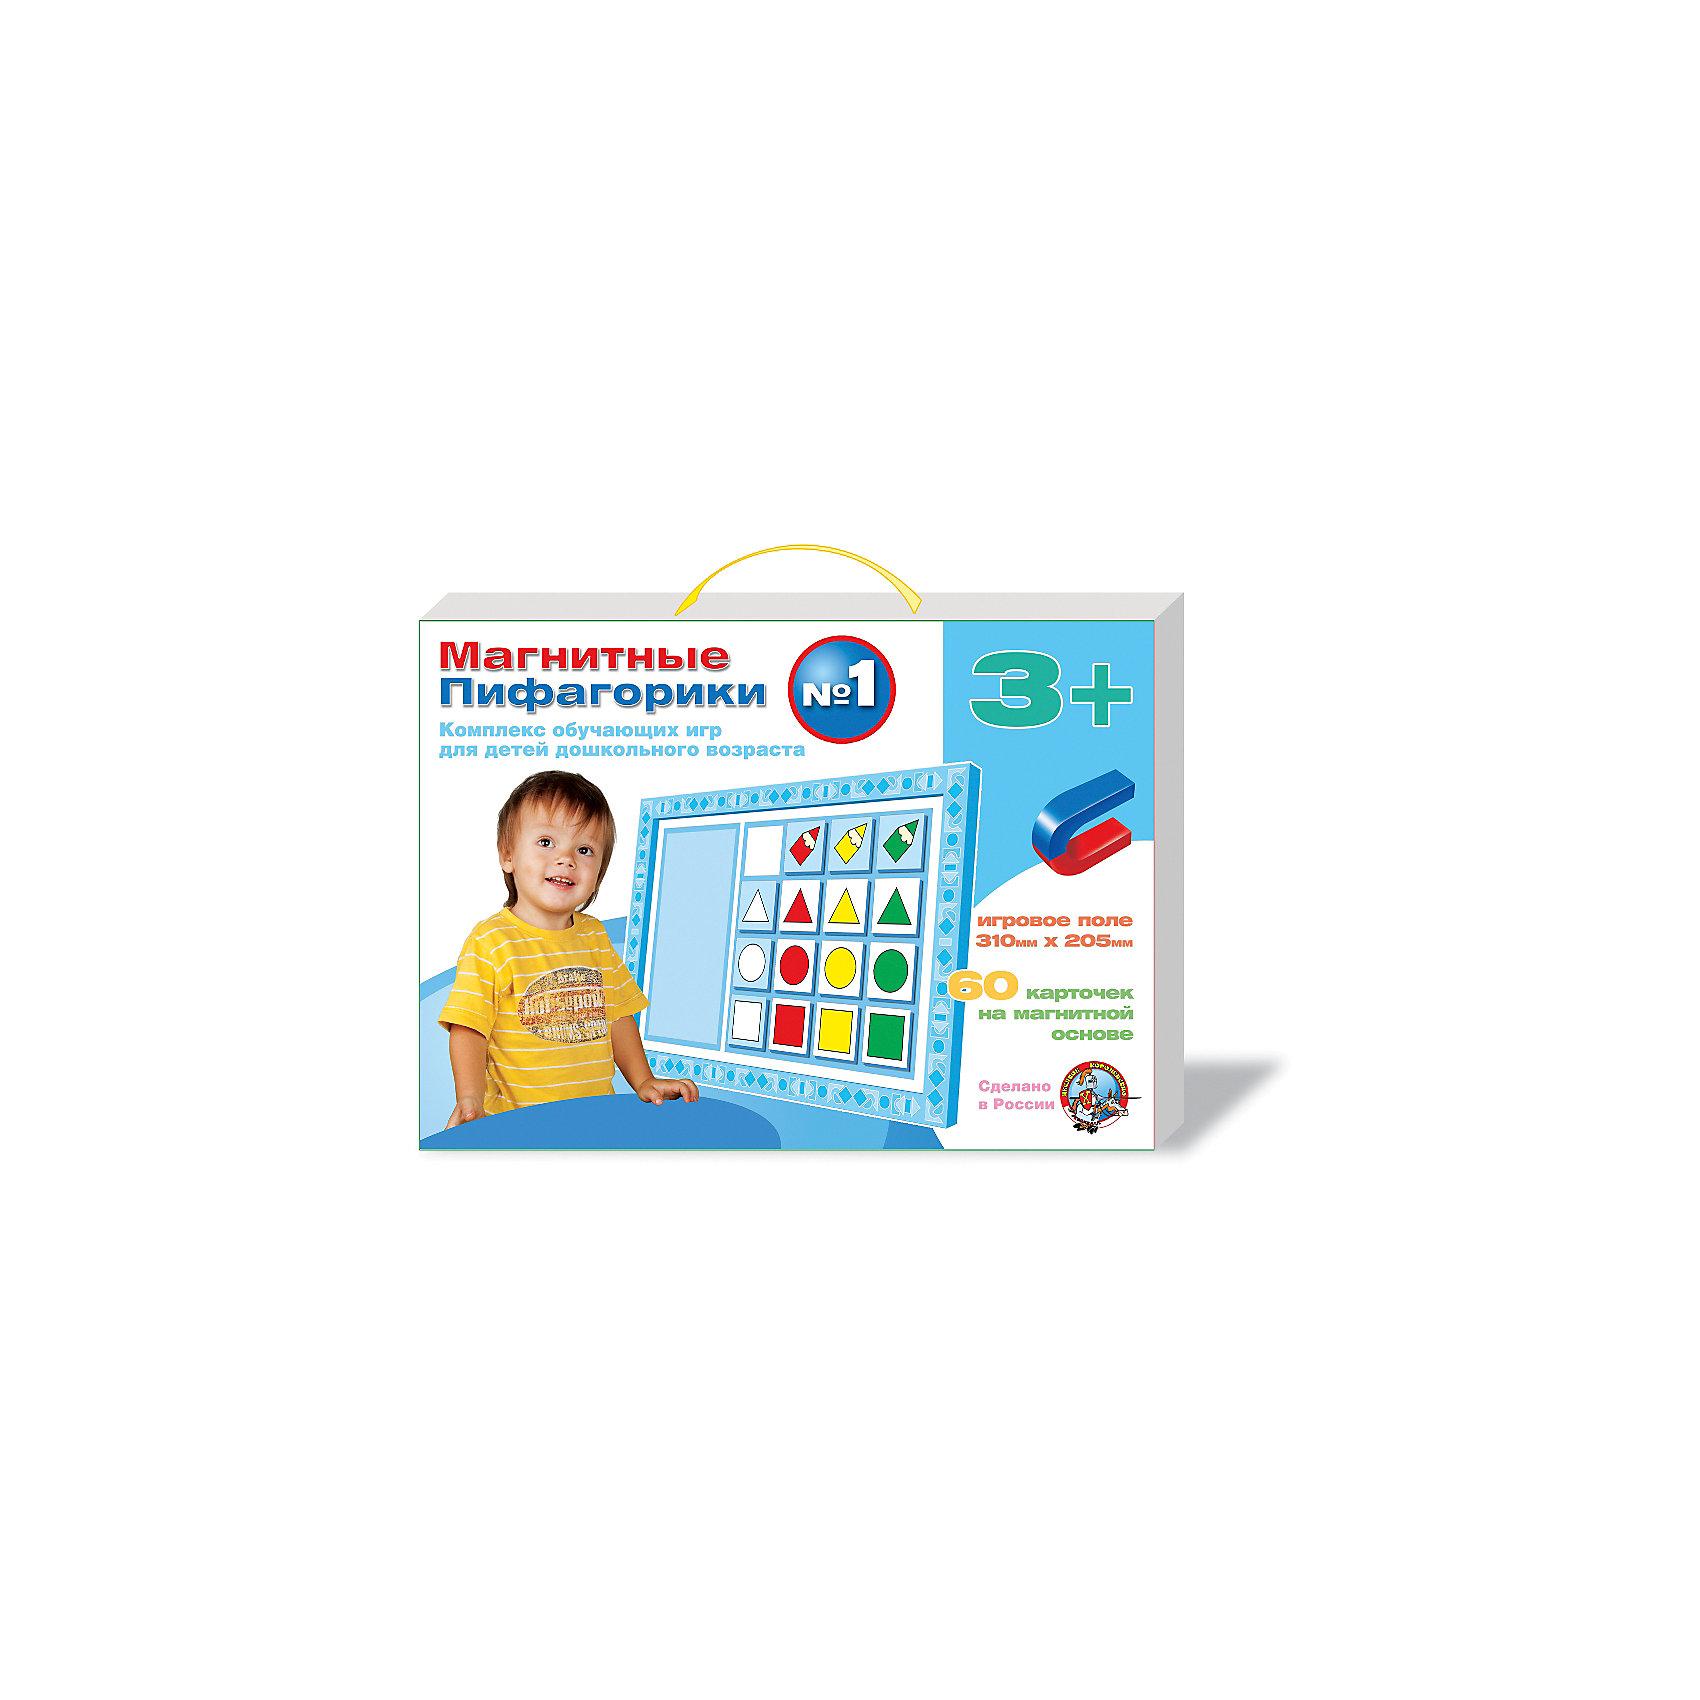 Набор Магнитные Пифагорики 3+, Десятое королевствоКарточные игры<br>Набор Магнитные Пифагорики 3+, Десятое королевство<br><br>Характеристики: <br><br>• Возраст: от 3 лет<br>• Материал: вспененный полимер, магнит, картон<br>• В комплекте: Игровое поле, 60 карточек на магнитной основе, инструкция на русском языке<br><br>Этот набор позволяет в удобной игровой форме обучить ребенка основным цветам, пониманию формы предметов и их размеров. В наборе содержится магнитное игровое поле, 60 карточек, а так же буклет с 5 вариантами игр. Наиболее эффективным набор будет, если использовать его для работы с ребенком от 3 лет. В процессе игры с приятными на ощупь карточками, малыши быстрее обучаются и схватывают материал.<br><br>Набор Магнитные Пифагорики 3+, Десятое королевство можно купить в нашем интернет-магазине.<br><br>Ширина мм: 364<br>Глубина мм: 263<br>Высота мм: 34<br>Вес г: 612<br>Возраст от месяцев: 60<br>Возраст до месяцев: 84<br>Пол: Унисекс<br>Возраст: Детский<br>SKU: 5473733